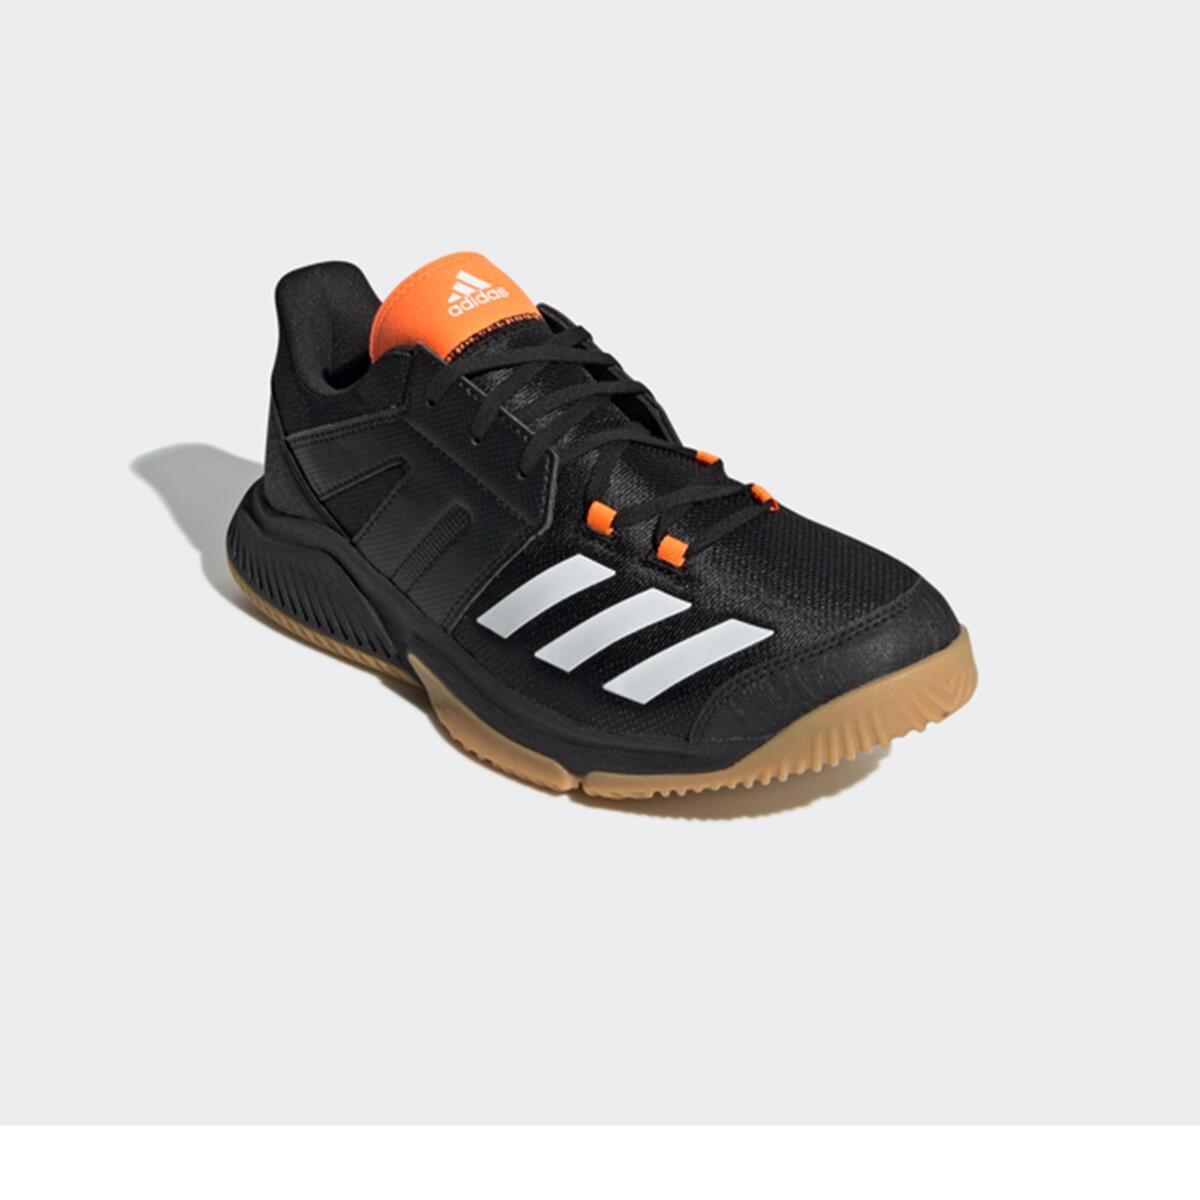 Bild 2 von Handballschuhe Essence Erwachsene schwarz/orange